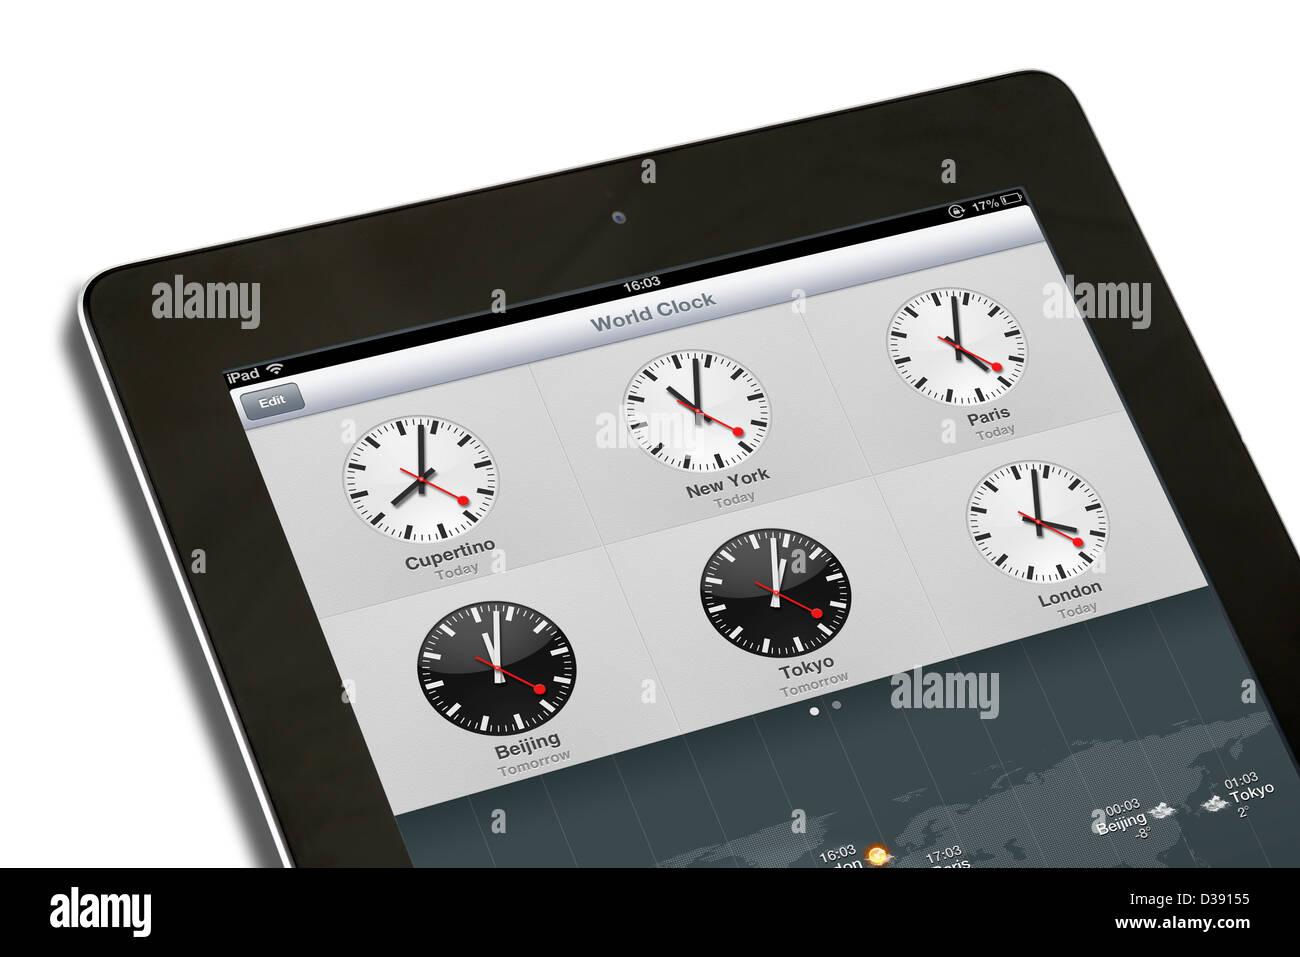 L'Horloge mondiale sur une 4ème génération d'Apple iPad tablet computer Photo Stock